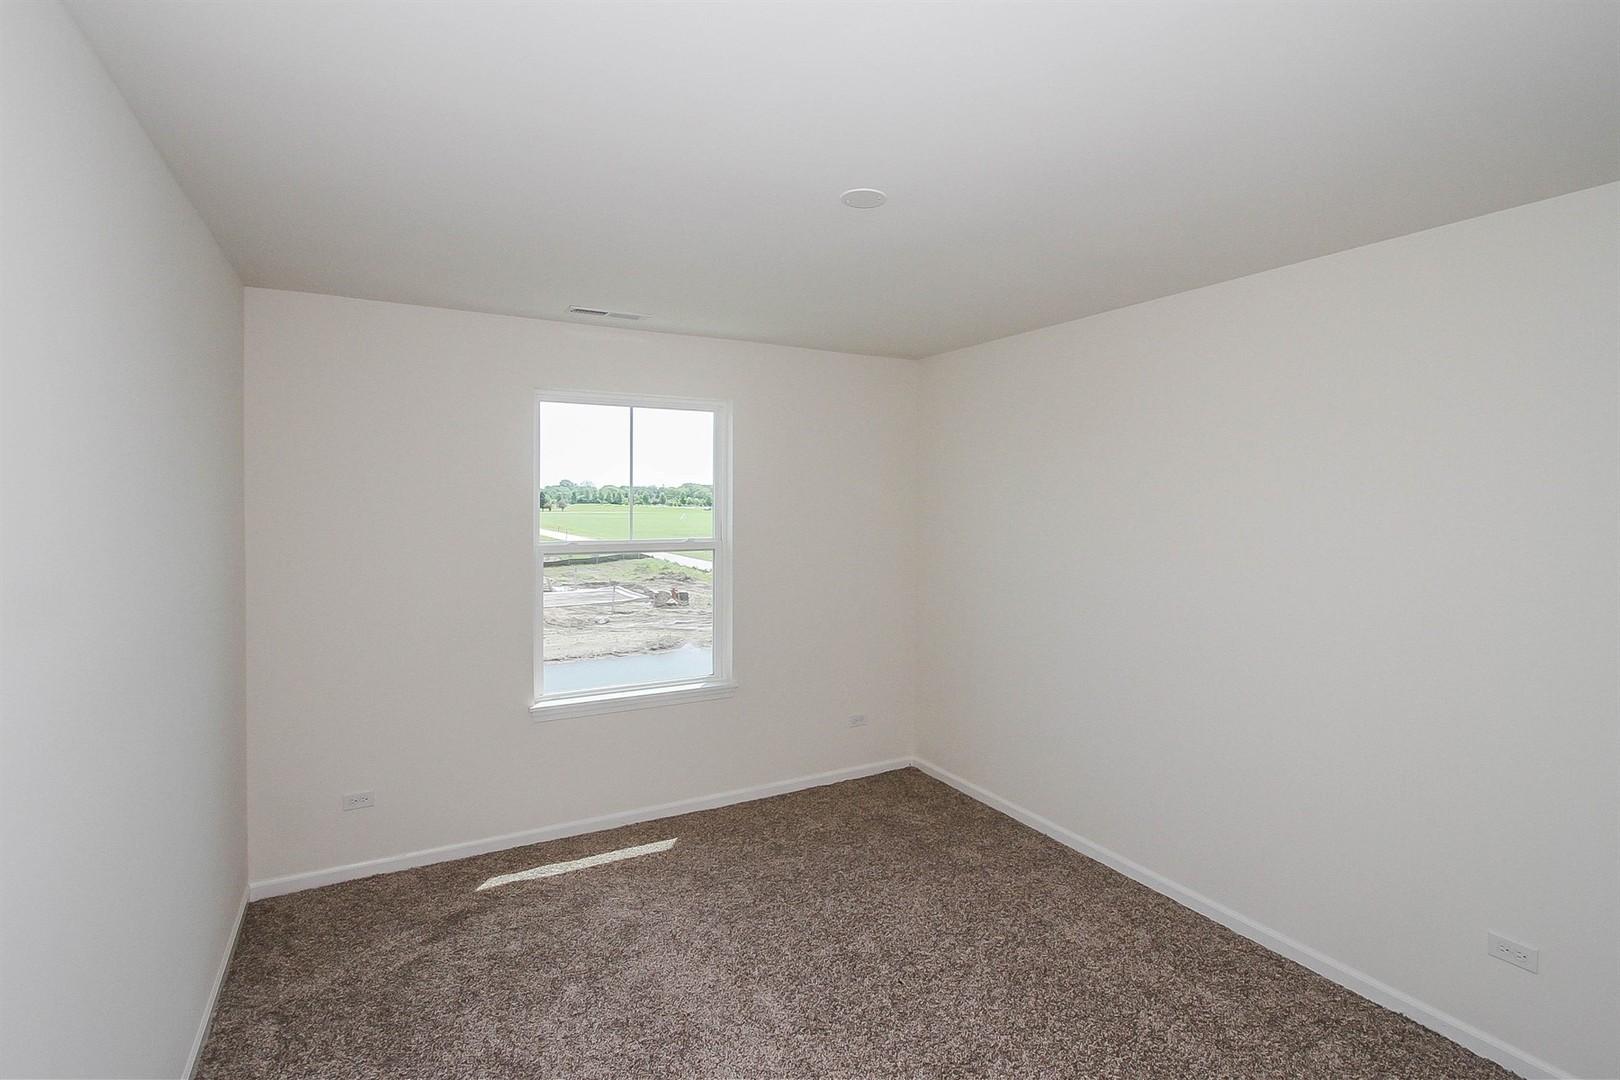 4125 Winslow Lot #12.03, AURORA, Illinois, 60504